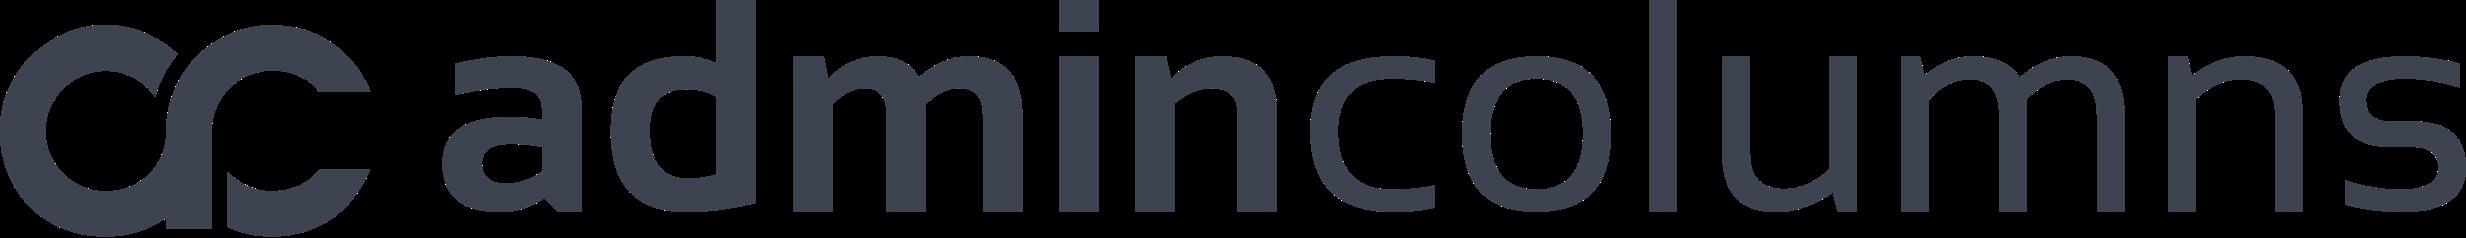 Mono white logo